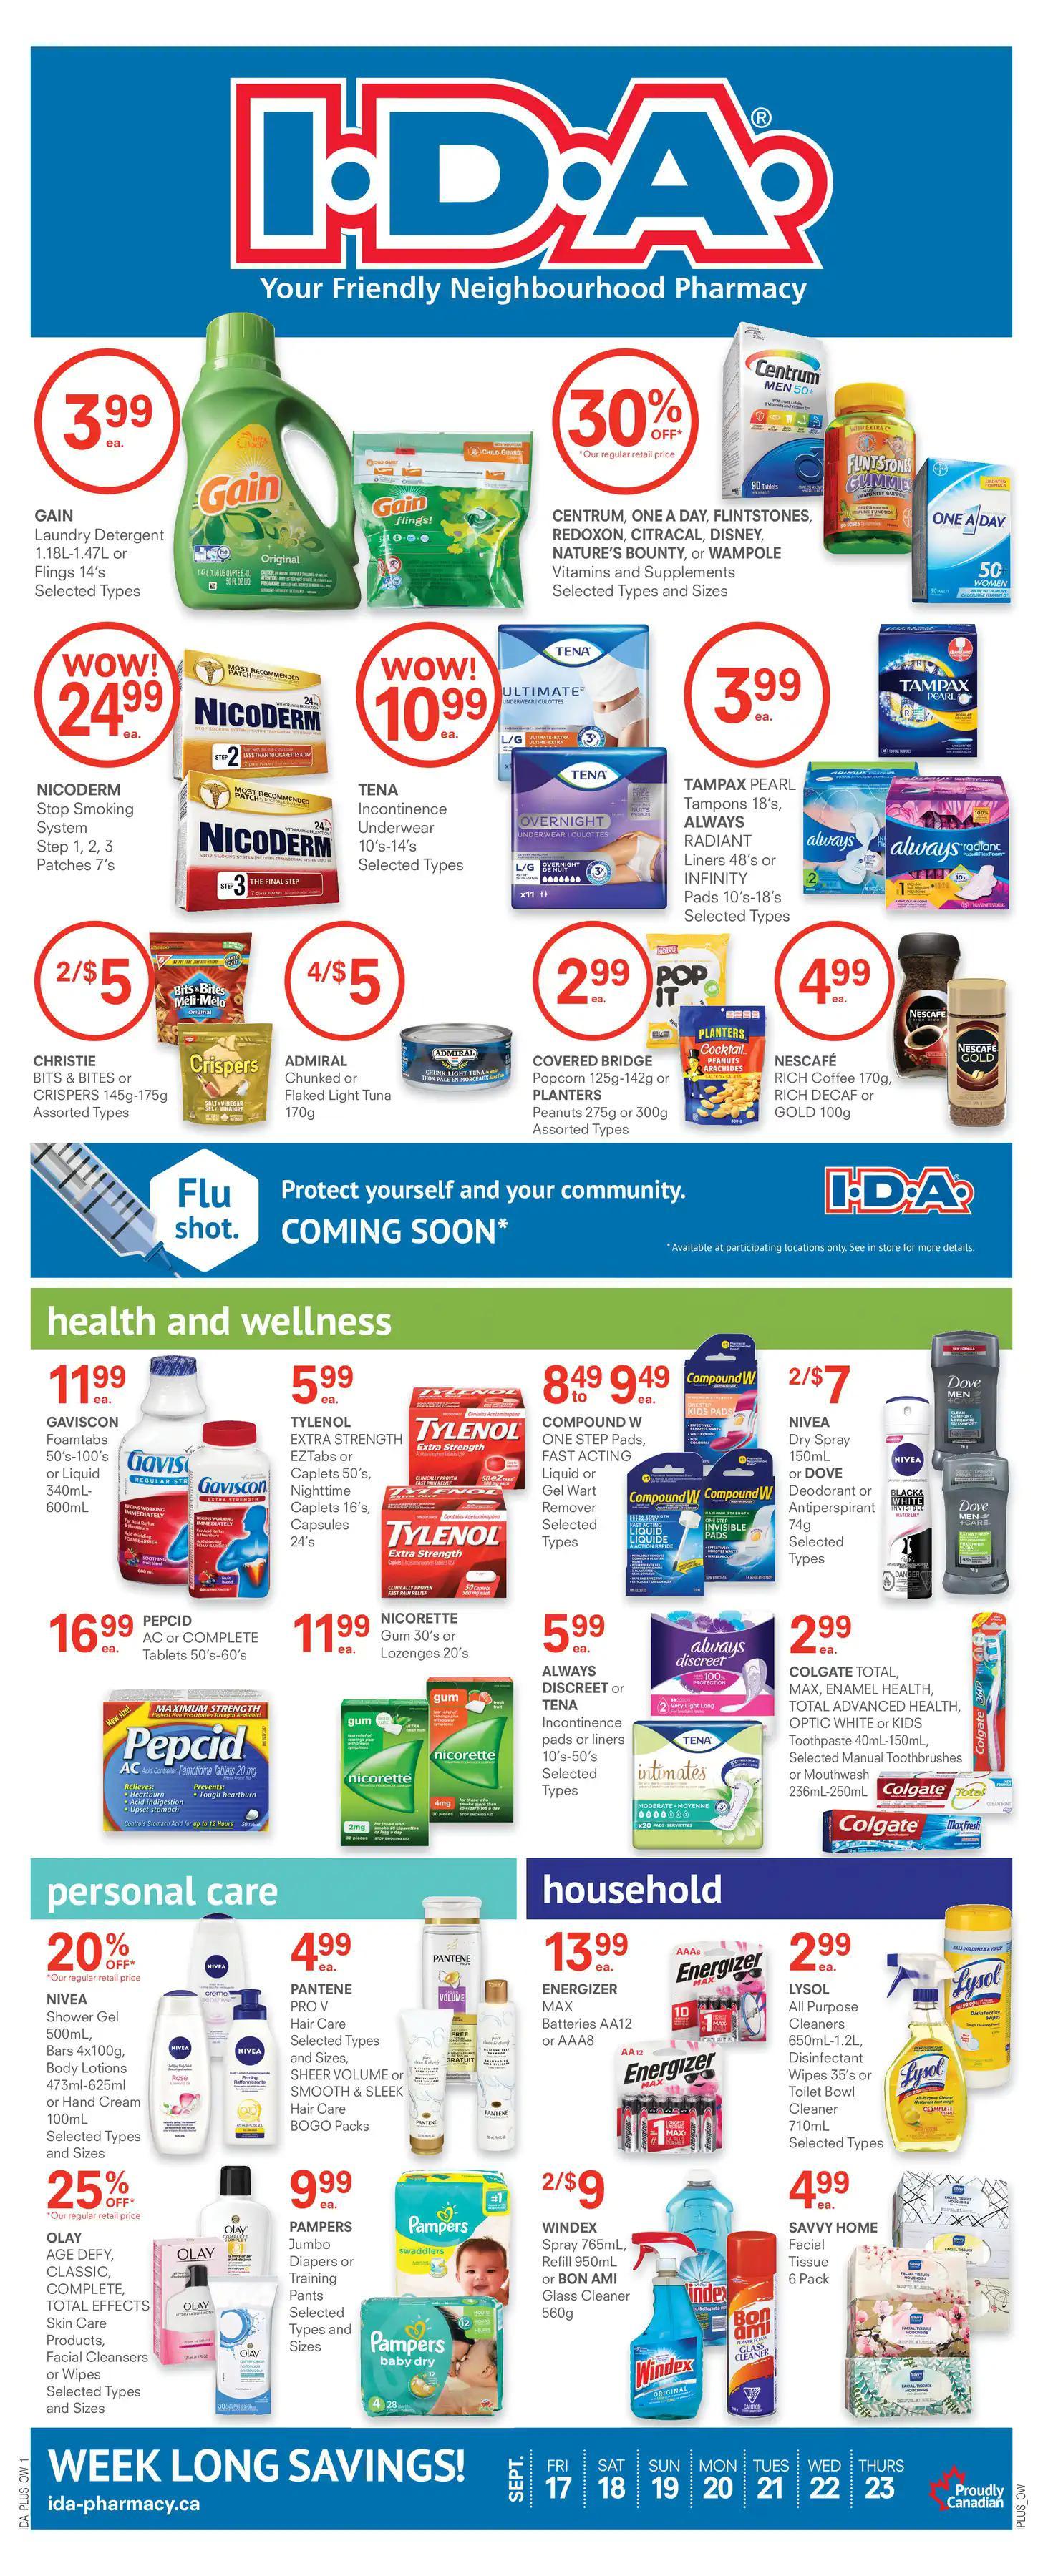 Guardian IDA Pharmacies - Weekly Flyer Specials